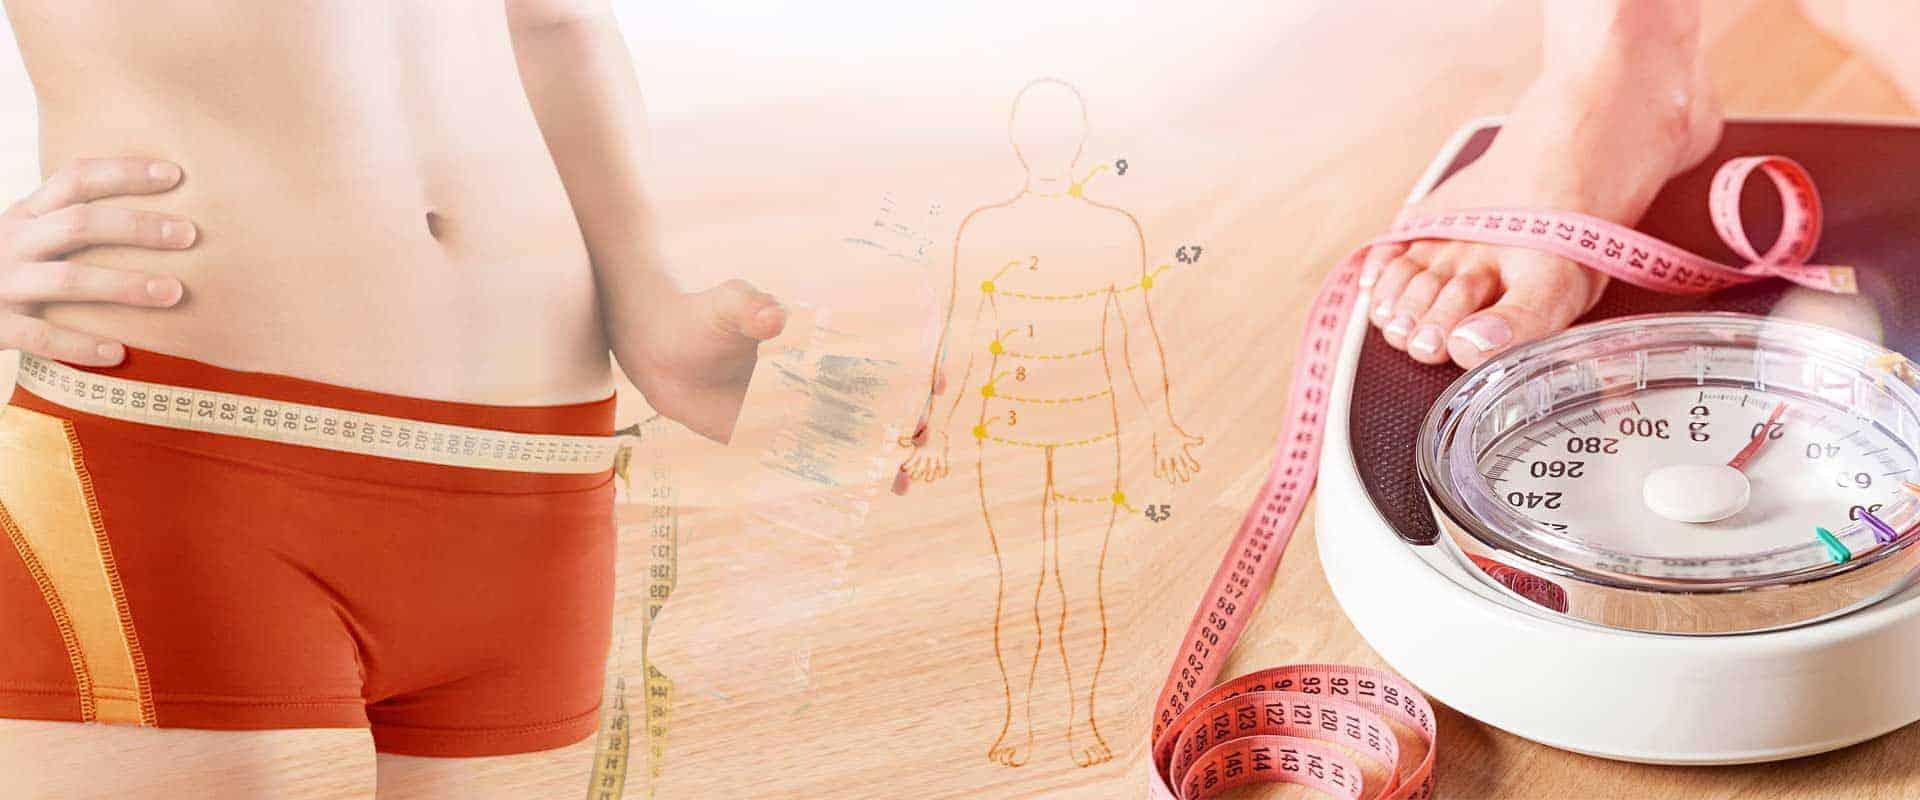 Måleskema til vægttab